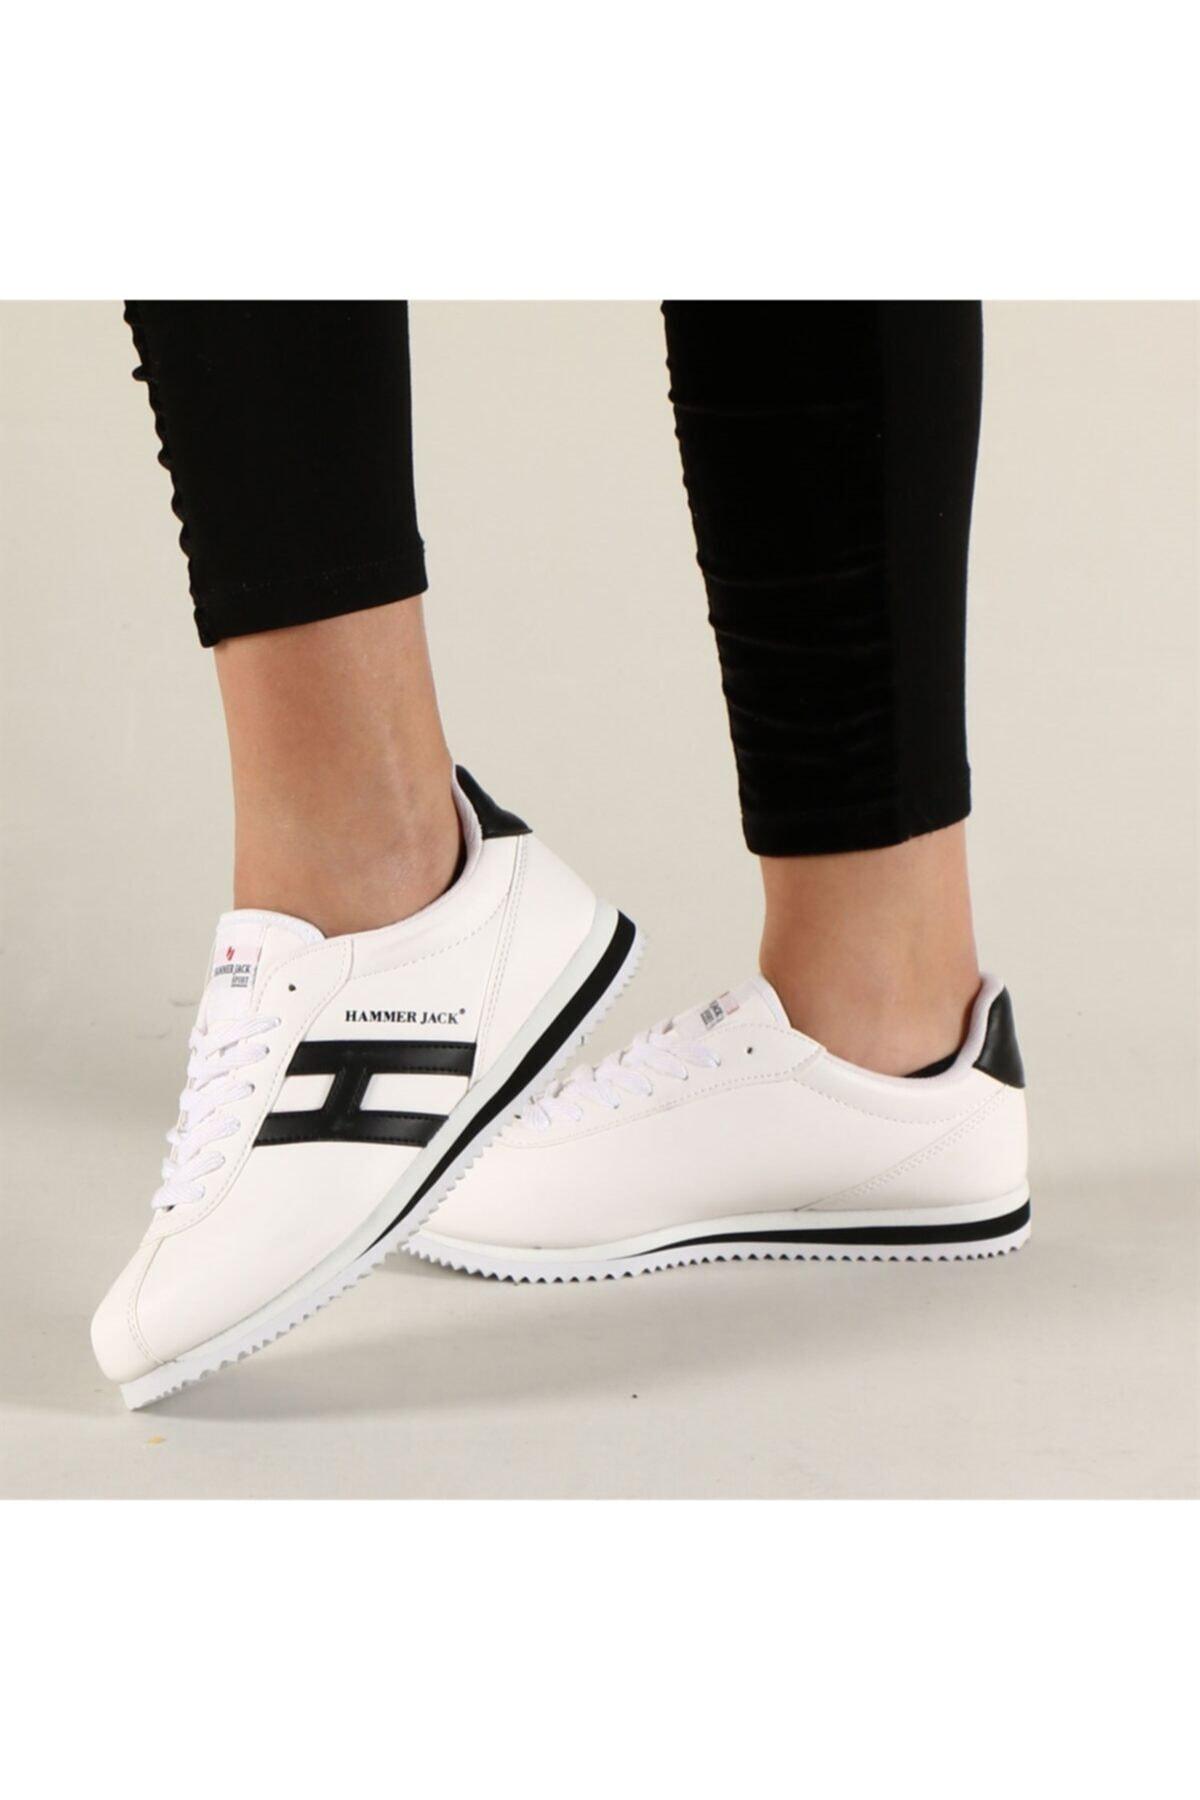 Hammer Jack Kadın Beyaz Sneakers Shoes Butik 1